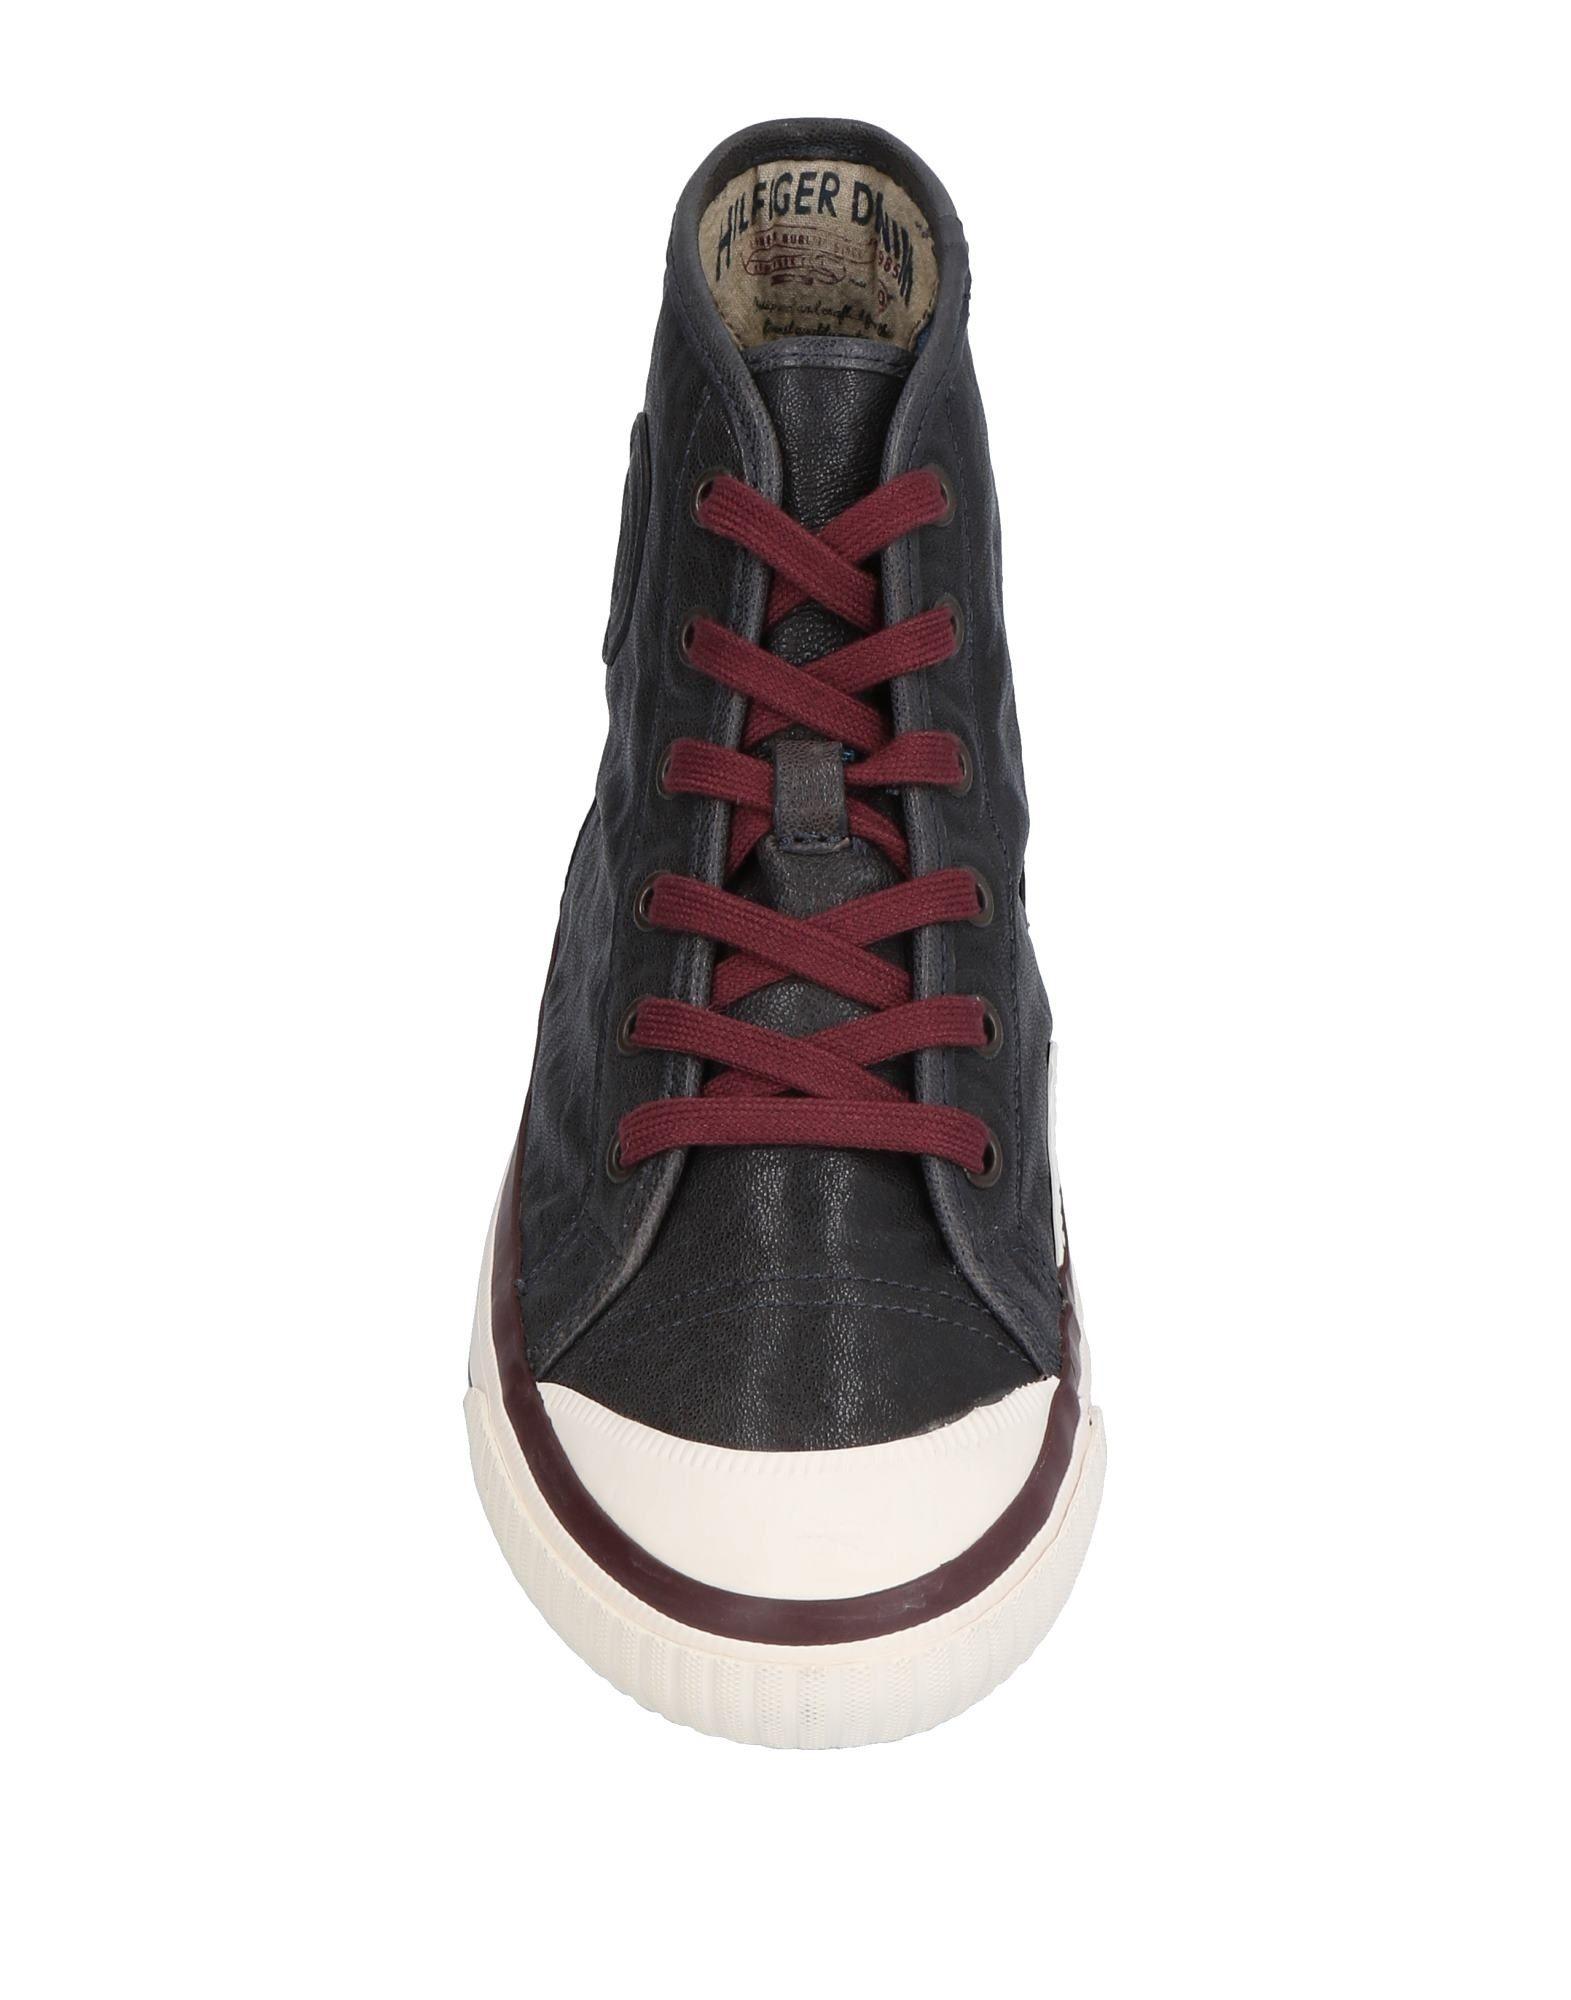 Rabatt Sneakers echte Schuhe Tommy Jeans Sneakers Rabatt Herren  11501051IU 3cf0fe